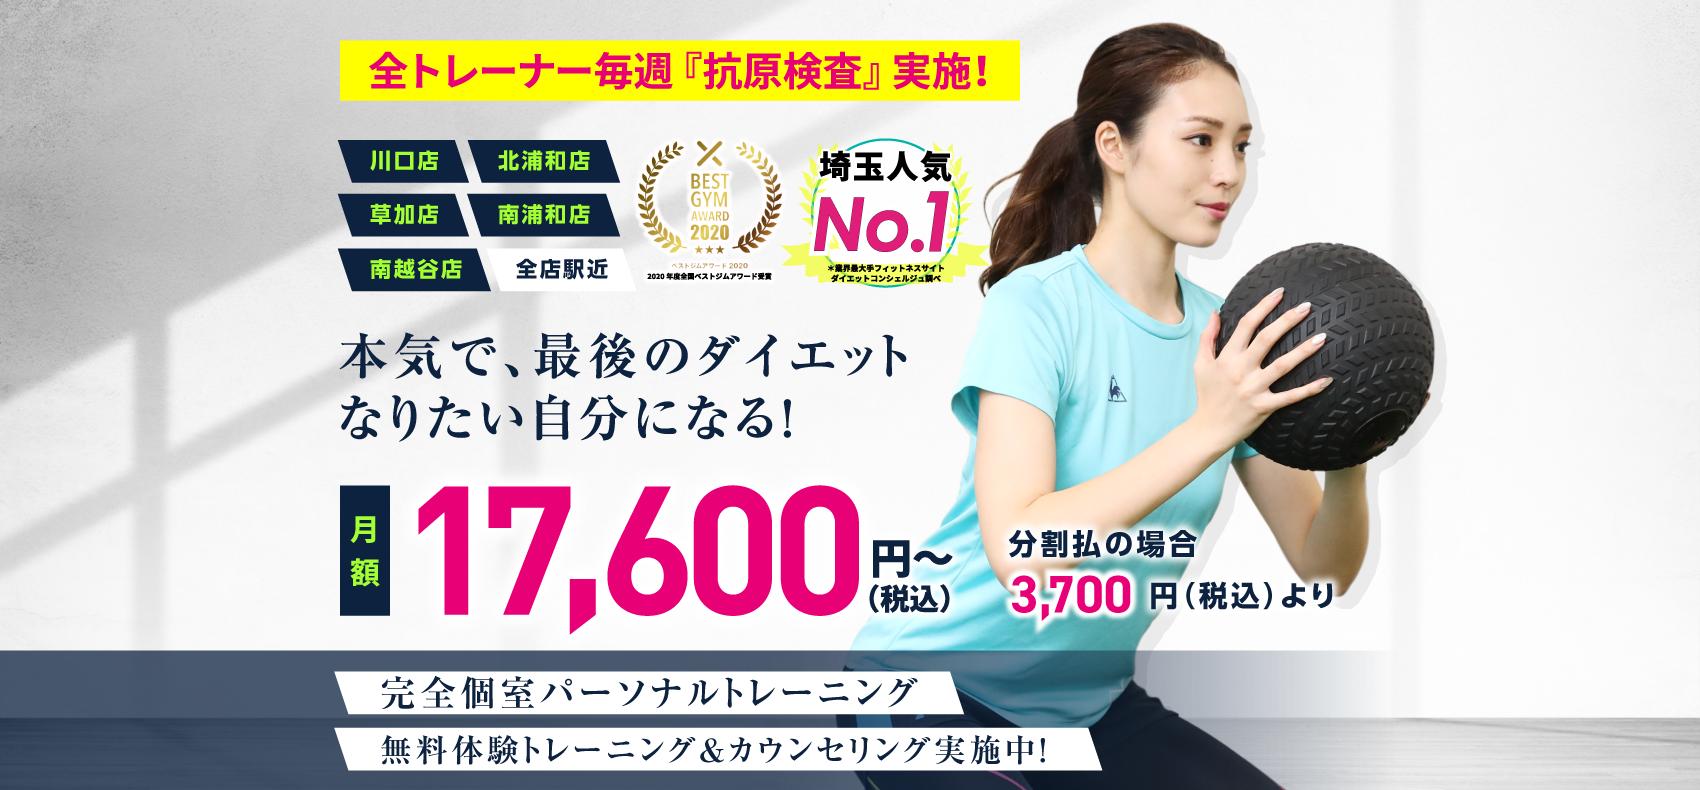 川口駅から徒歩2分!パーソナルトレーニングジム|入会金0円 月額14,890円